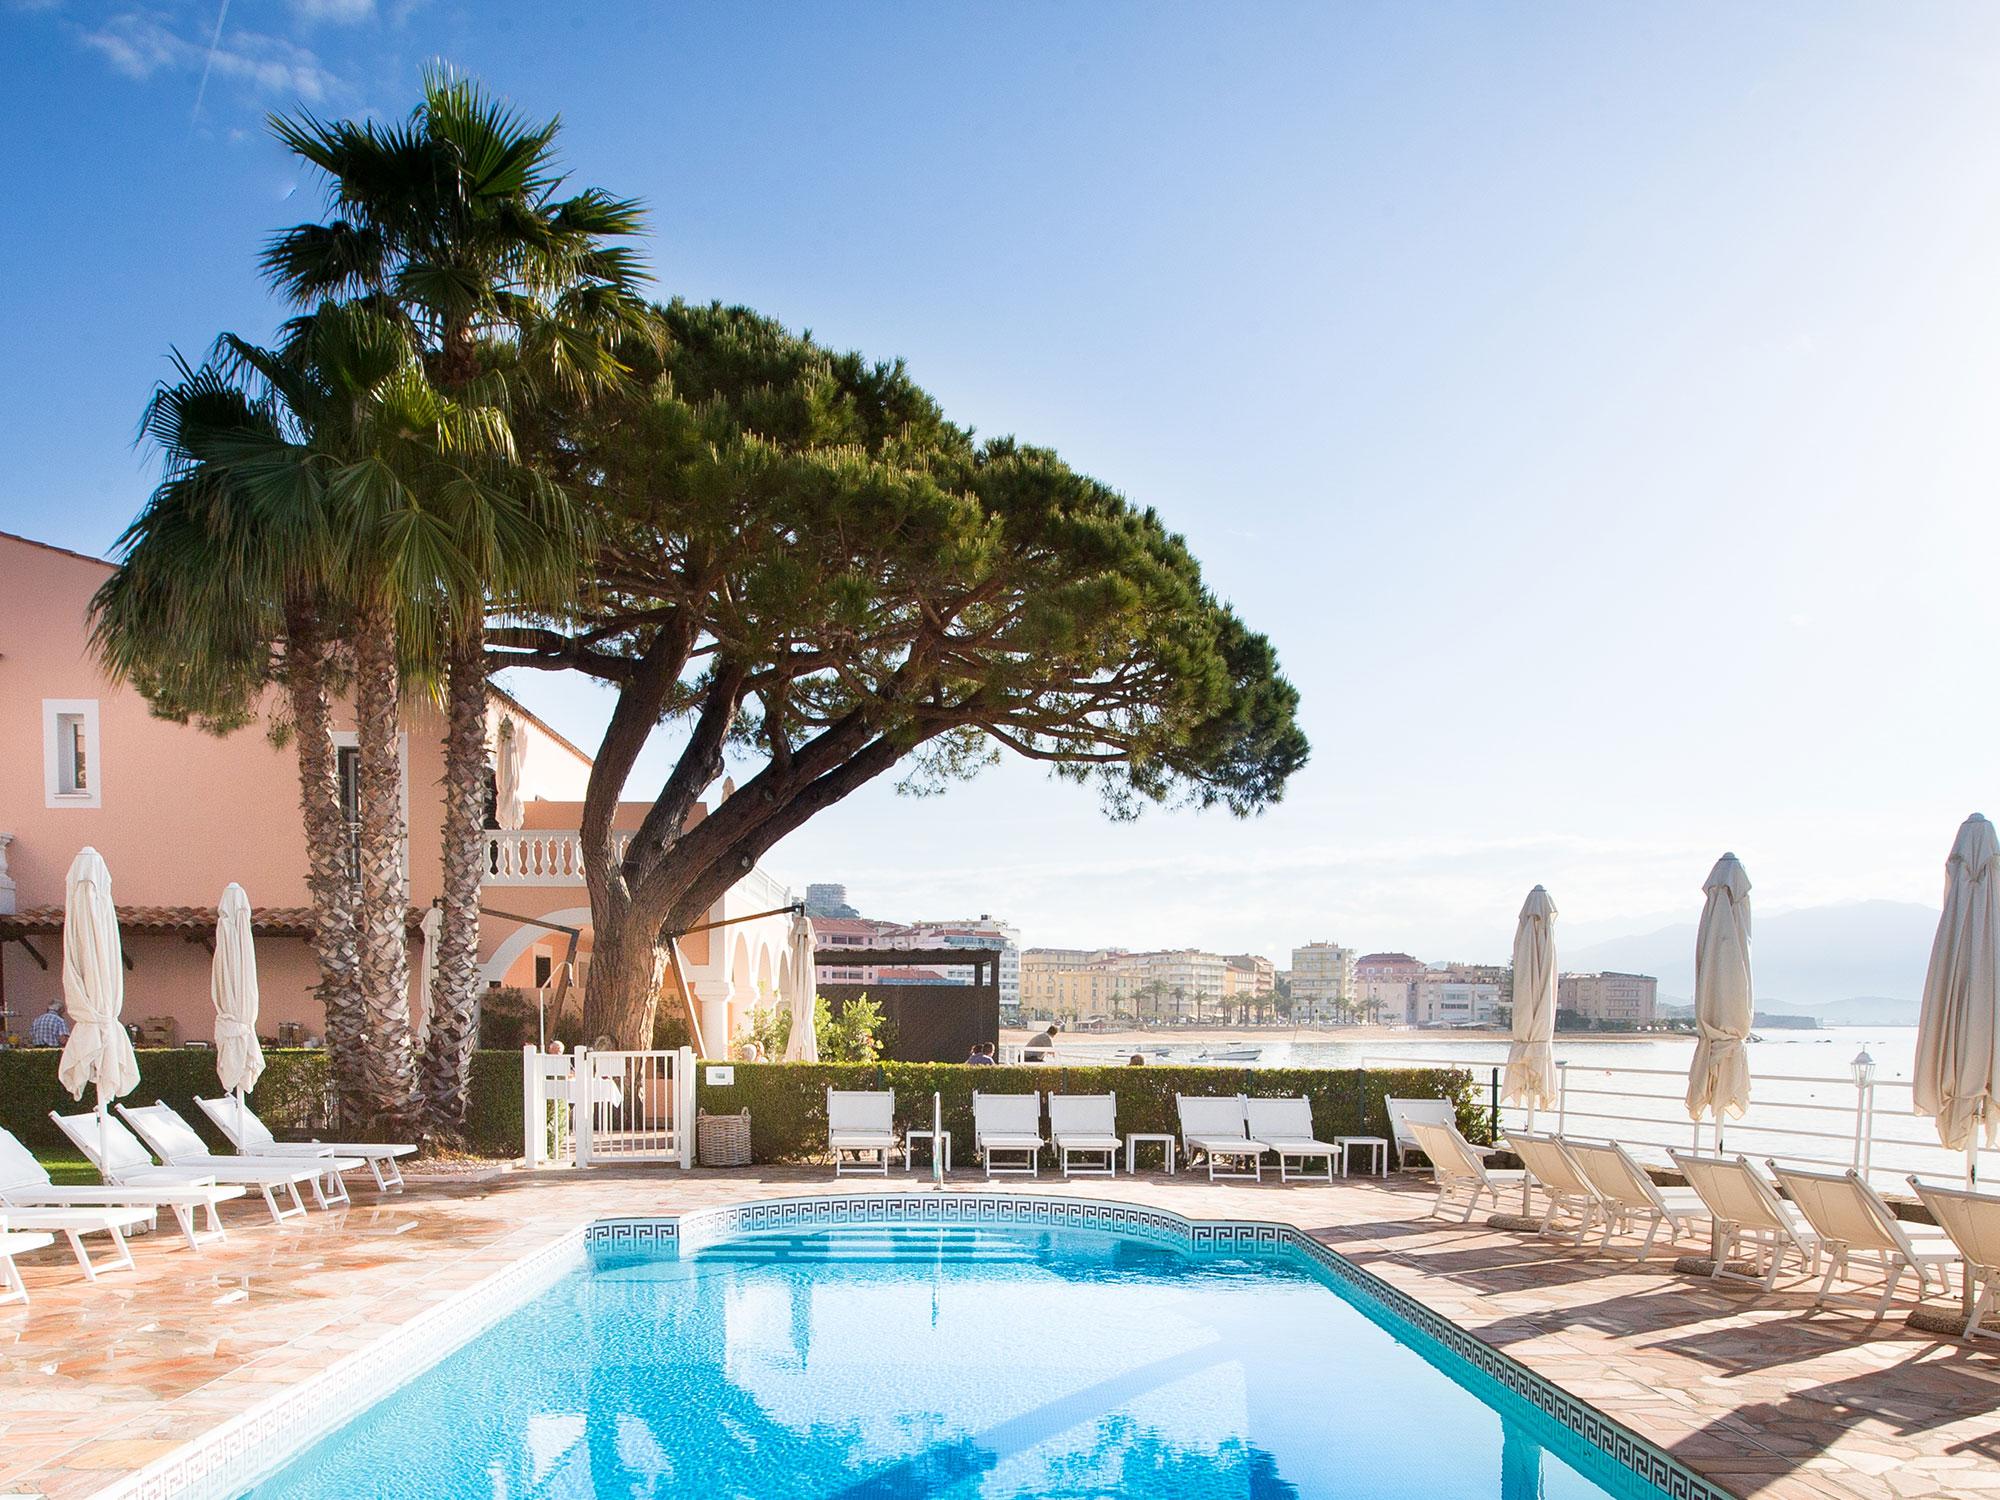 Hôtel de charme en Corse : faites le tour de l'Île de Beauté